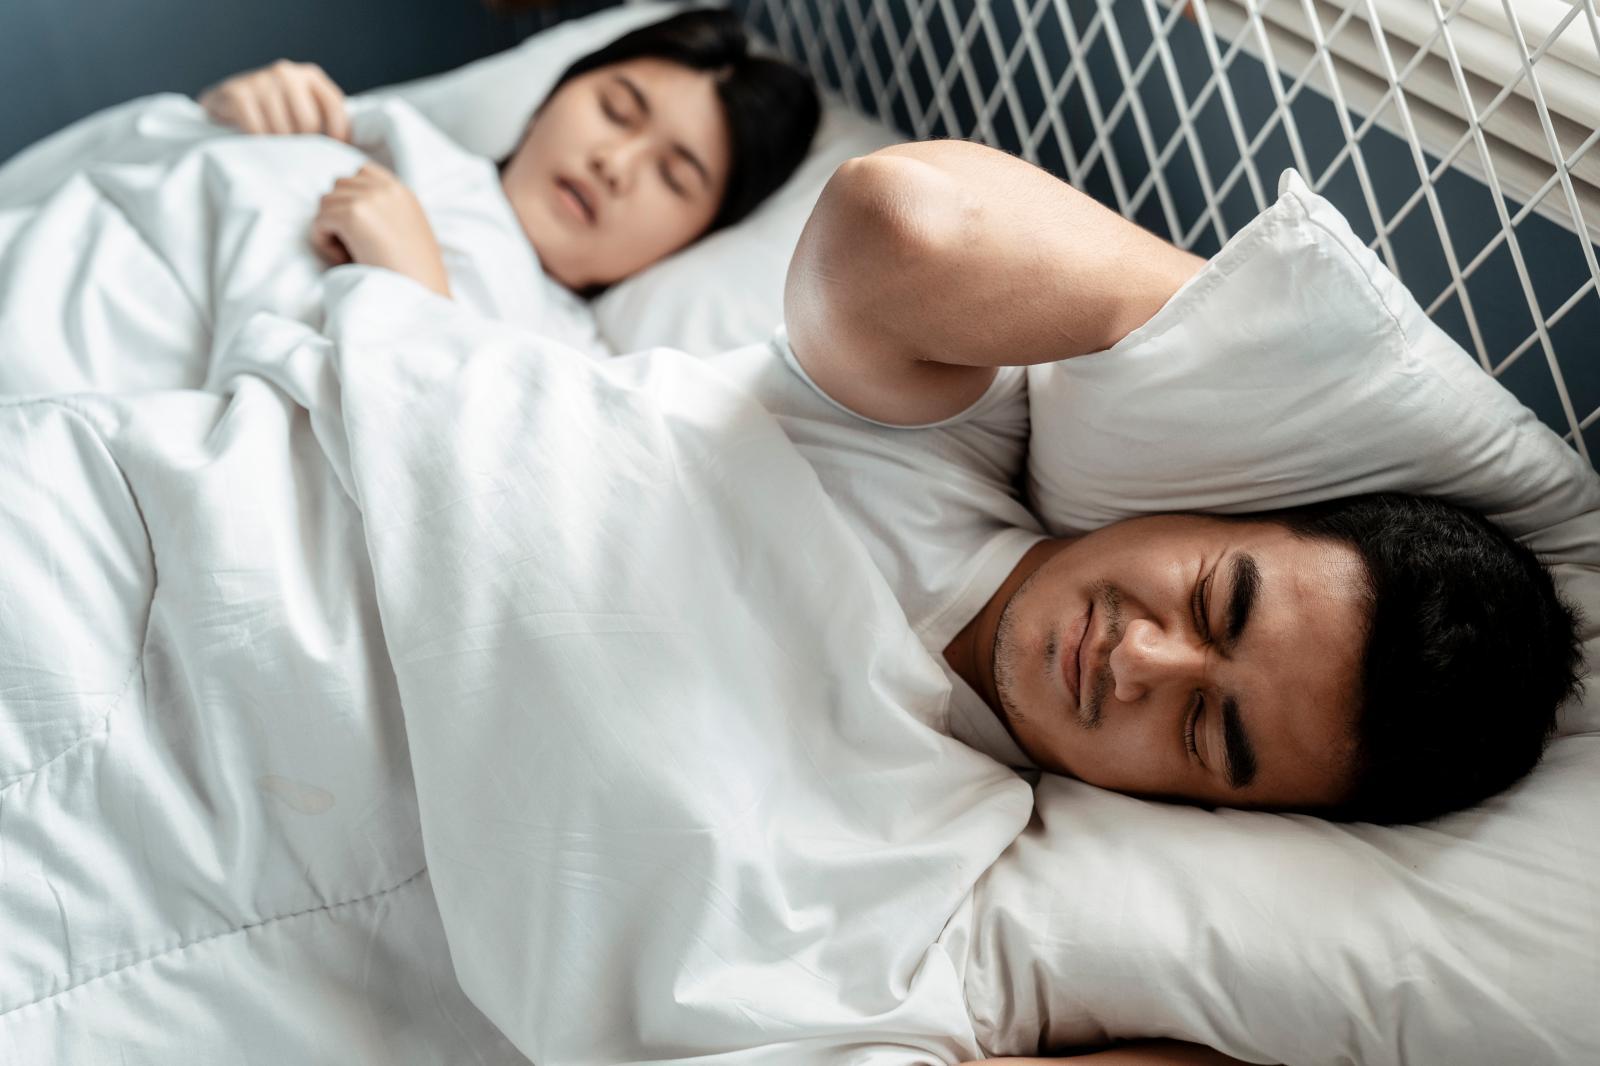 người đàn ông cau có, khó chịu  vì tiếng ồn khi đang nằm ngủ cạnh vợ